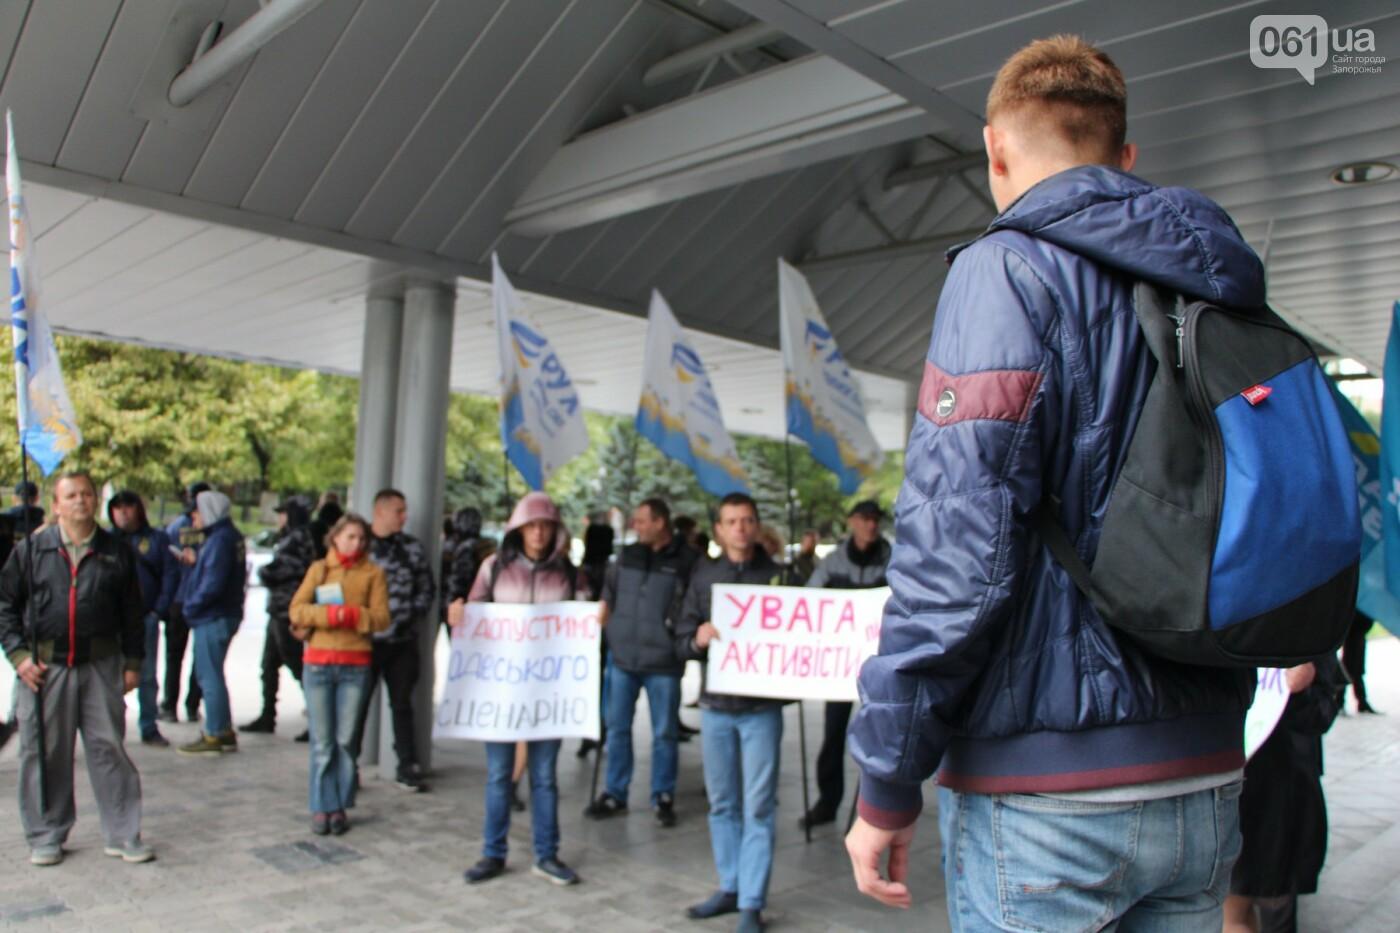 Активисты под прицелом: в Запорожье под зданием Нацполиции митинговали за расследование преступлений, - ФОТОРЕПОРТАЖ, фото-10